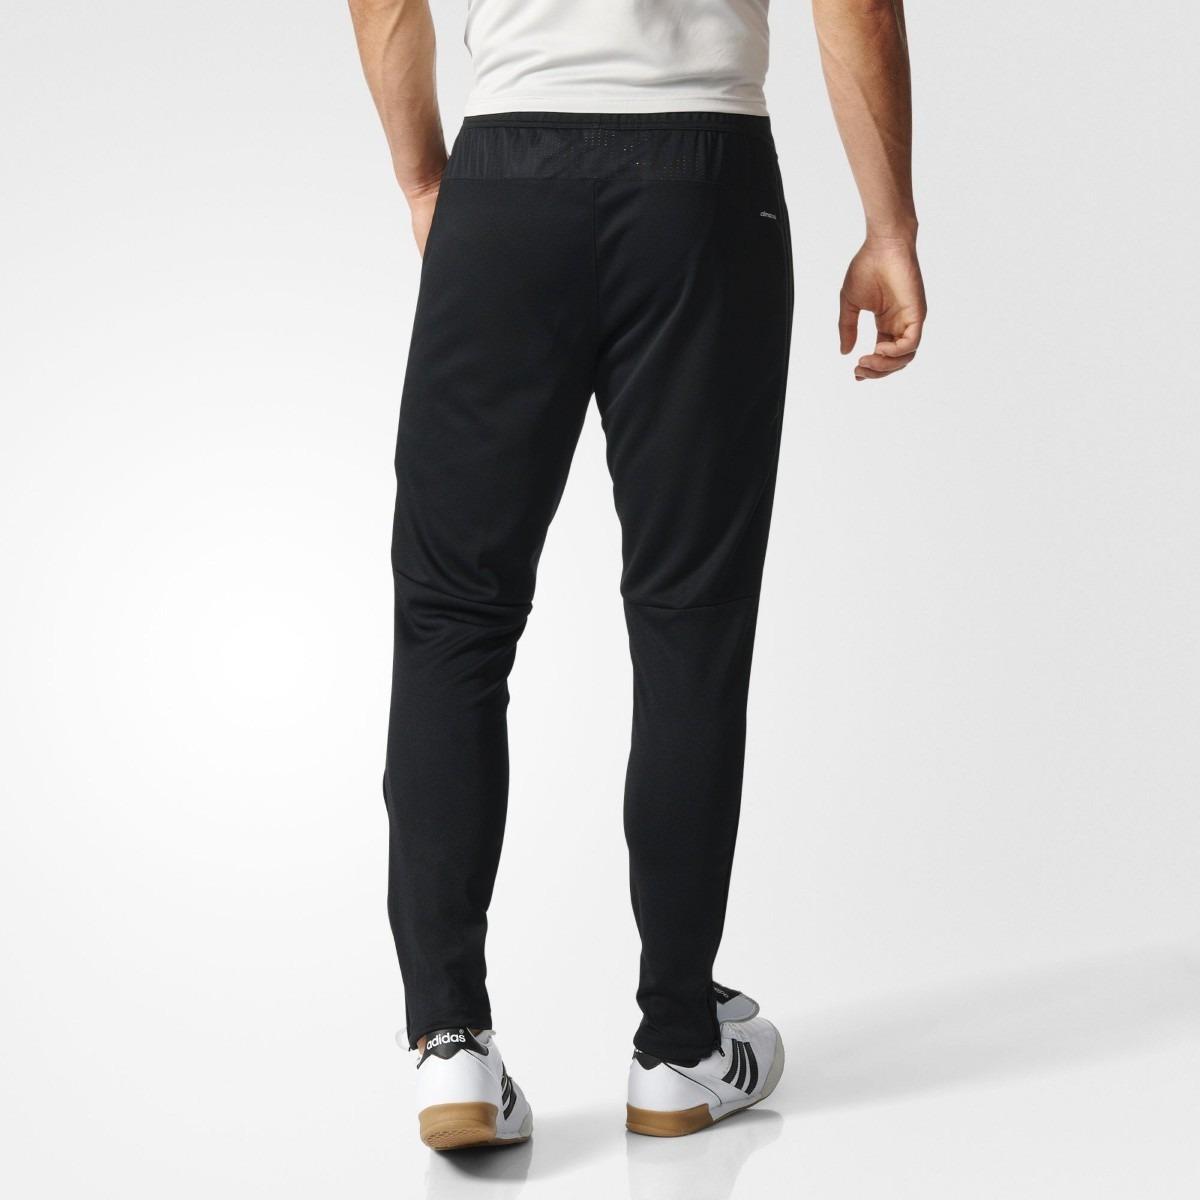 9ee2cc397e8ac Cargando zoom... adidas hombre pants. Cargando zoom... pants adidas tiro 17  skinny de hombre nuevos 100% originales